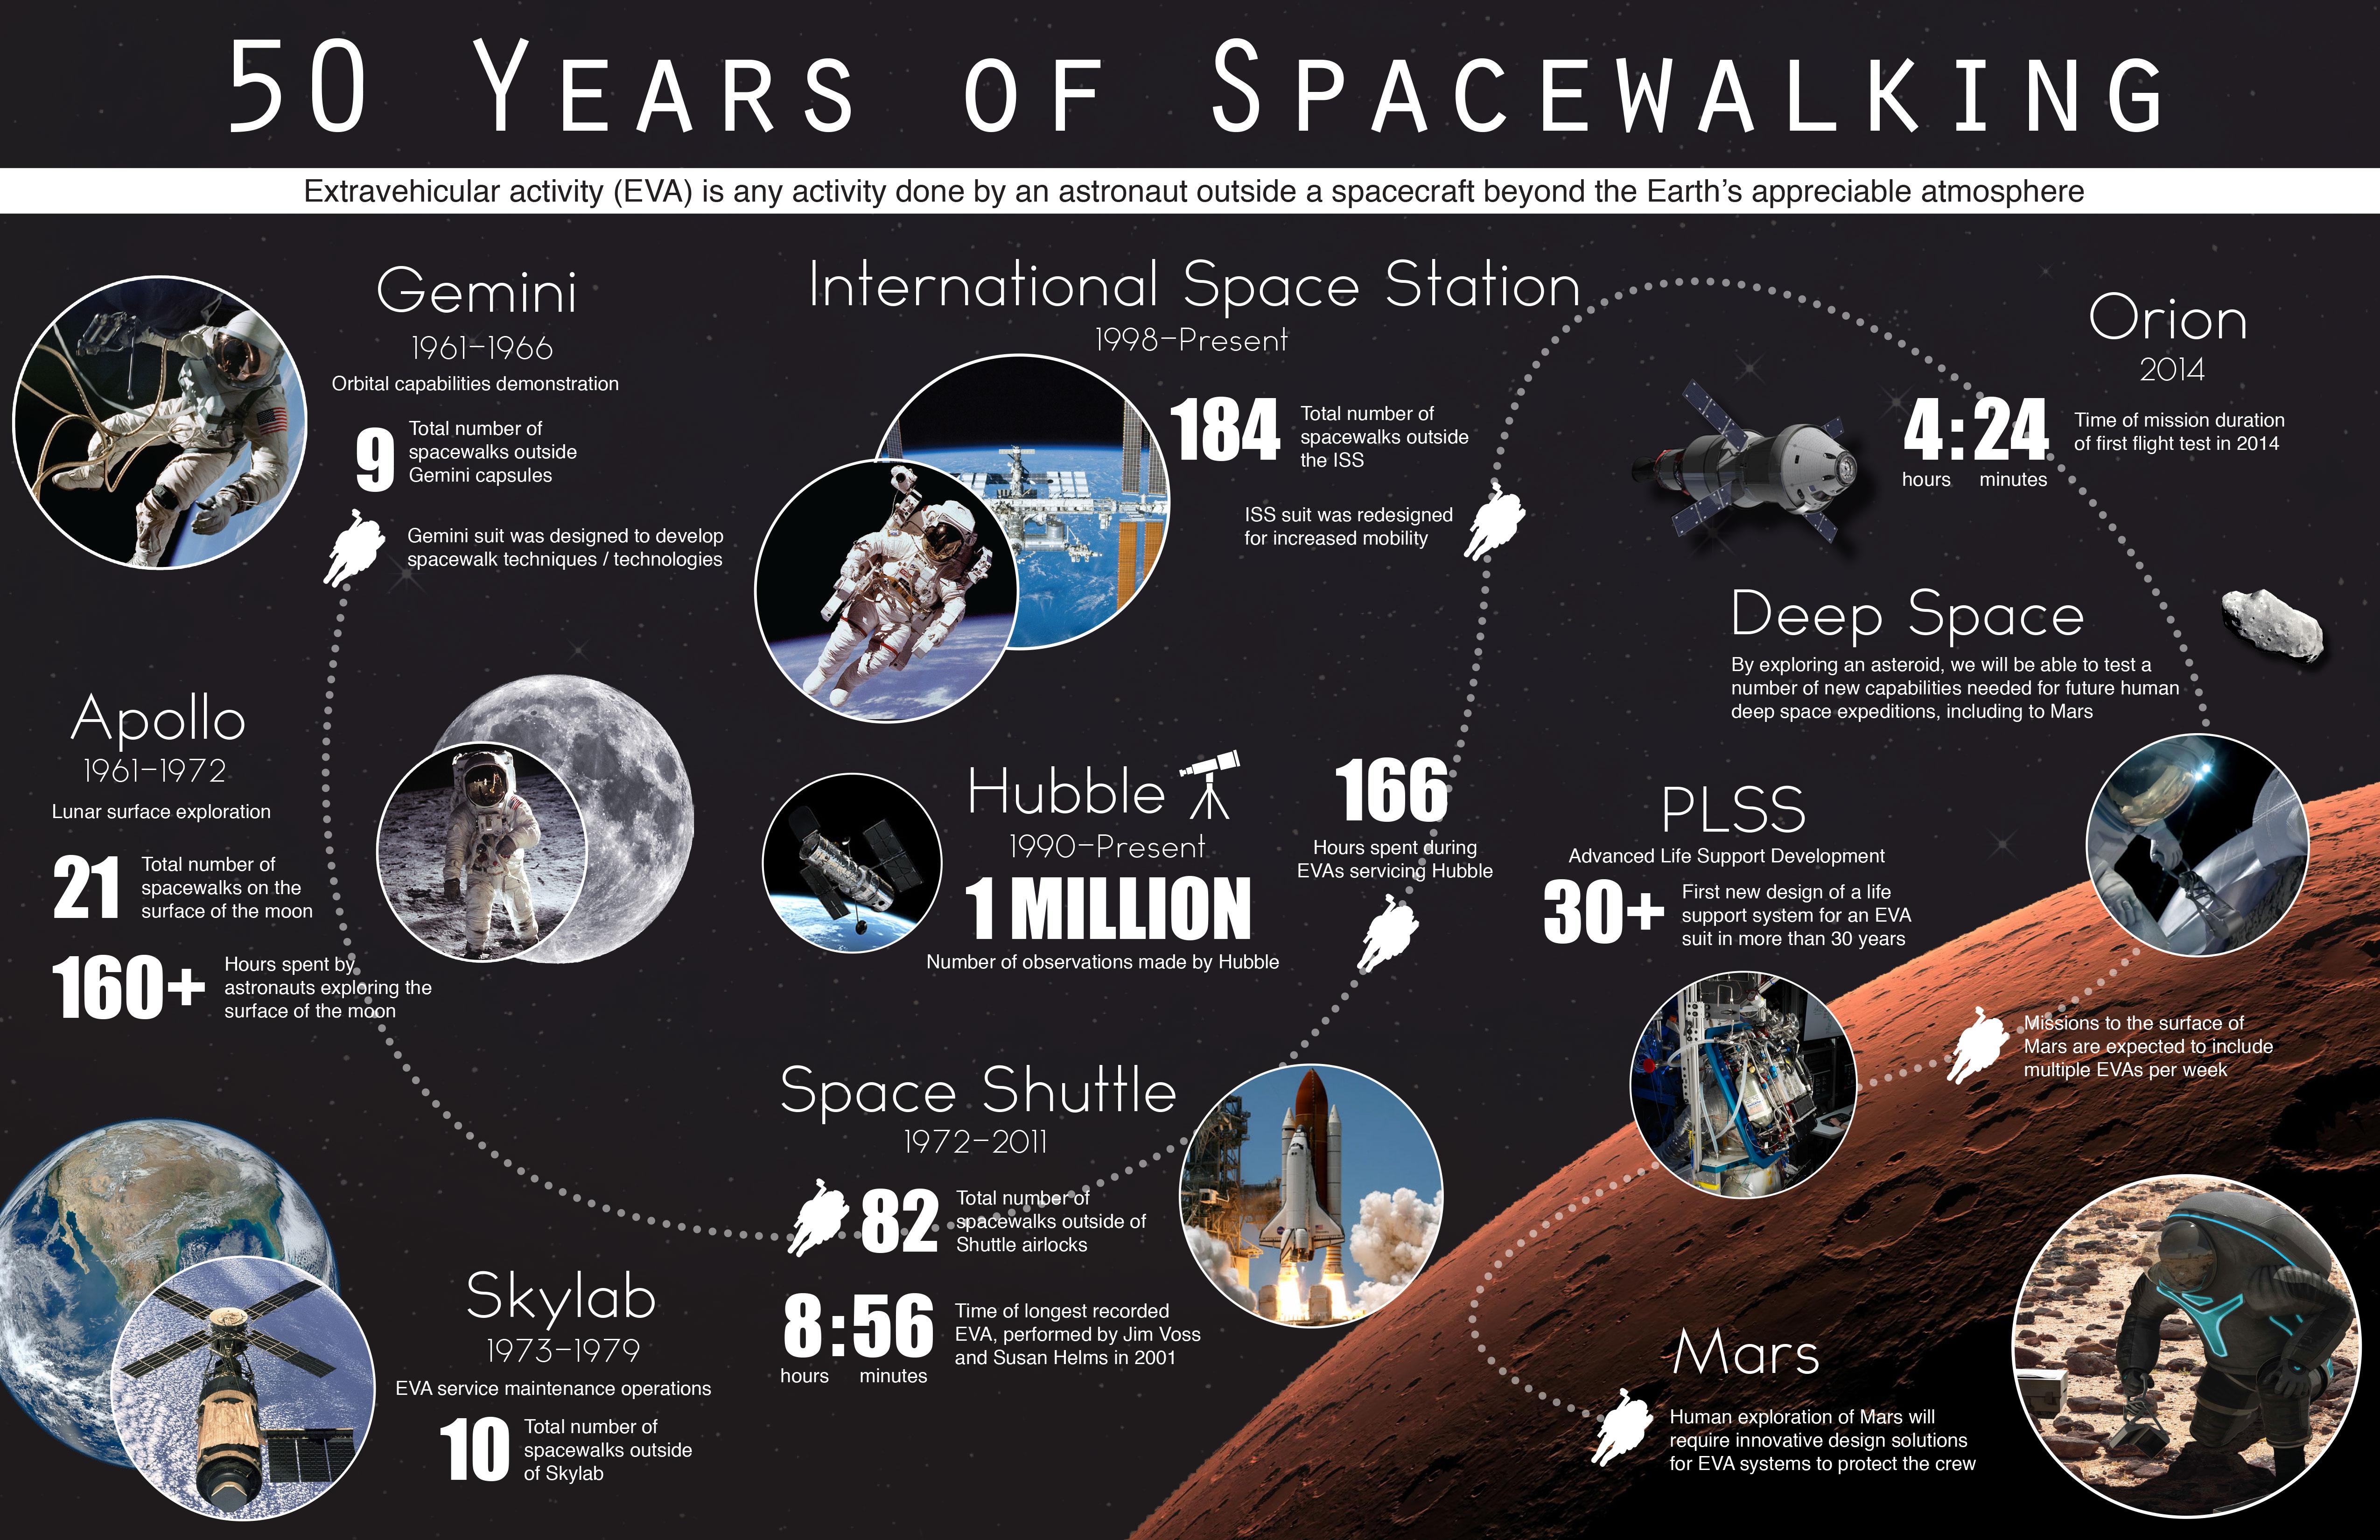 50 Years Of Spacewalking